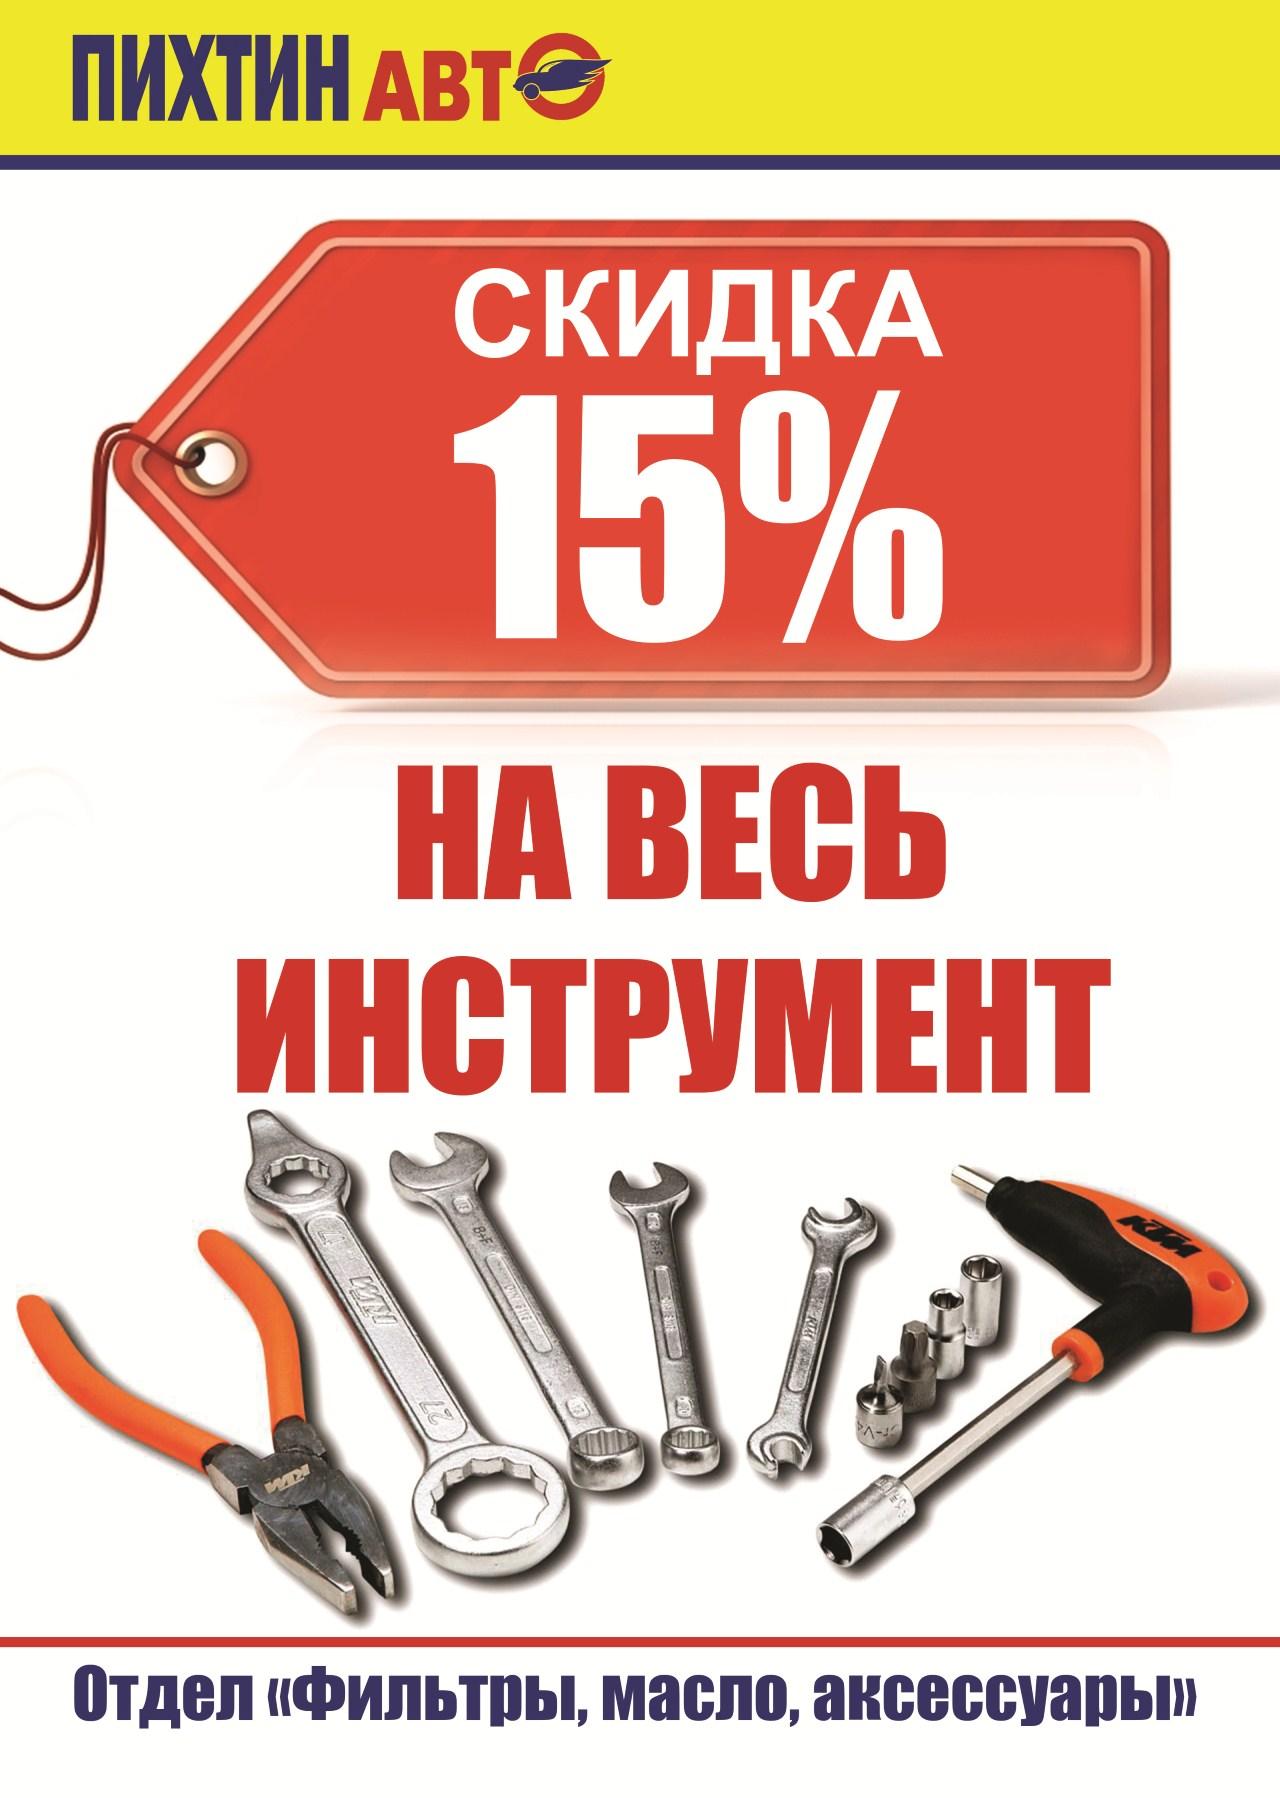 Скидка 15% на инструменты!